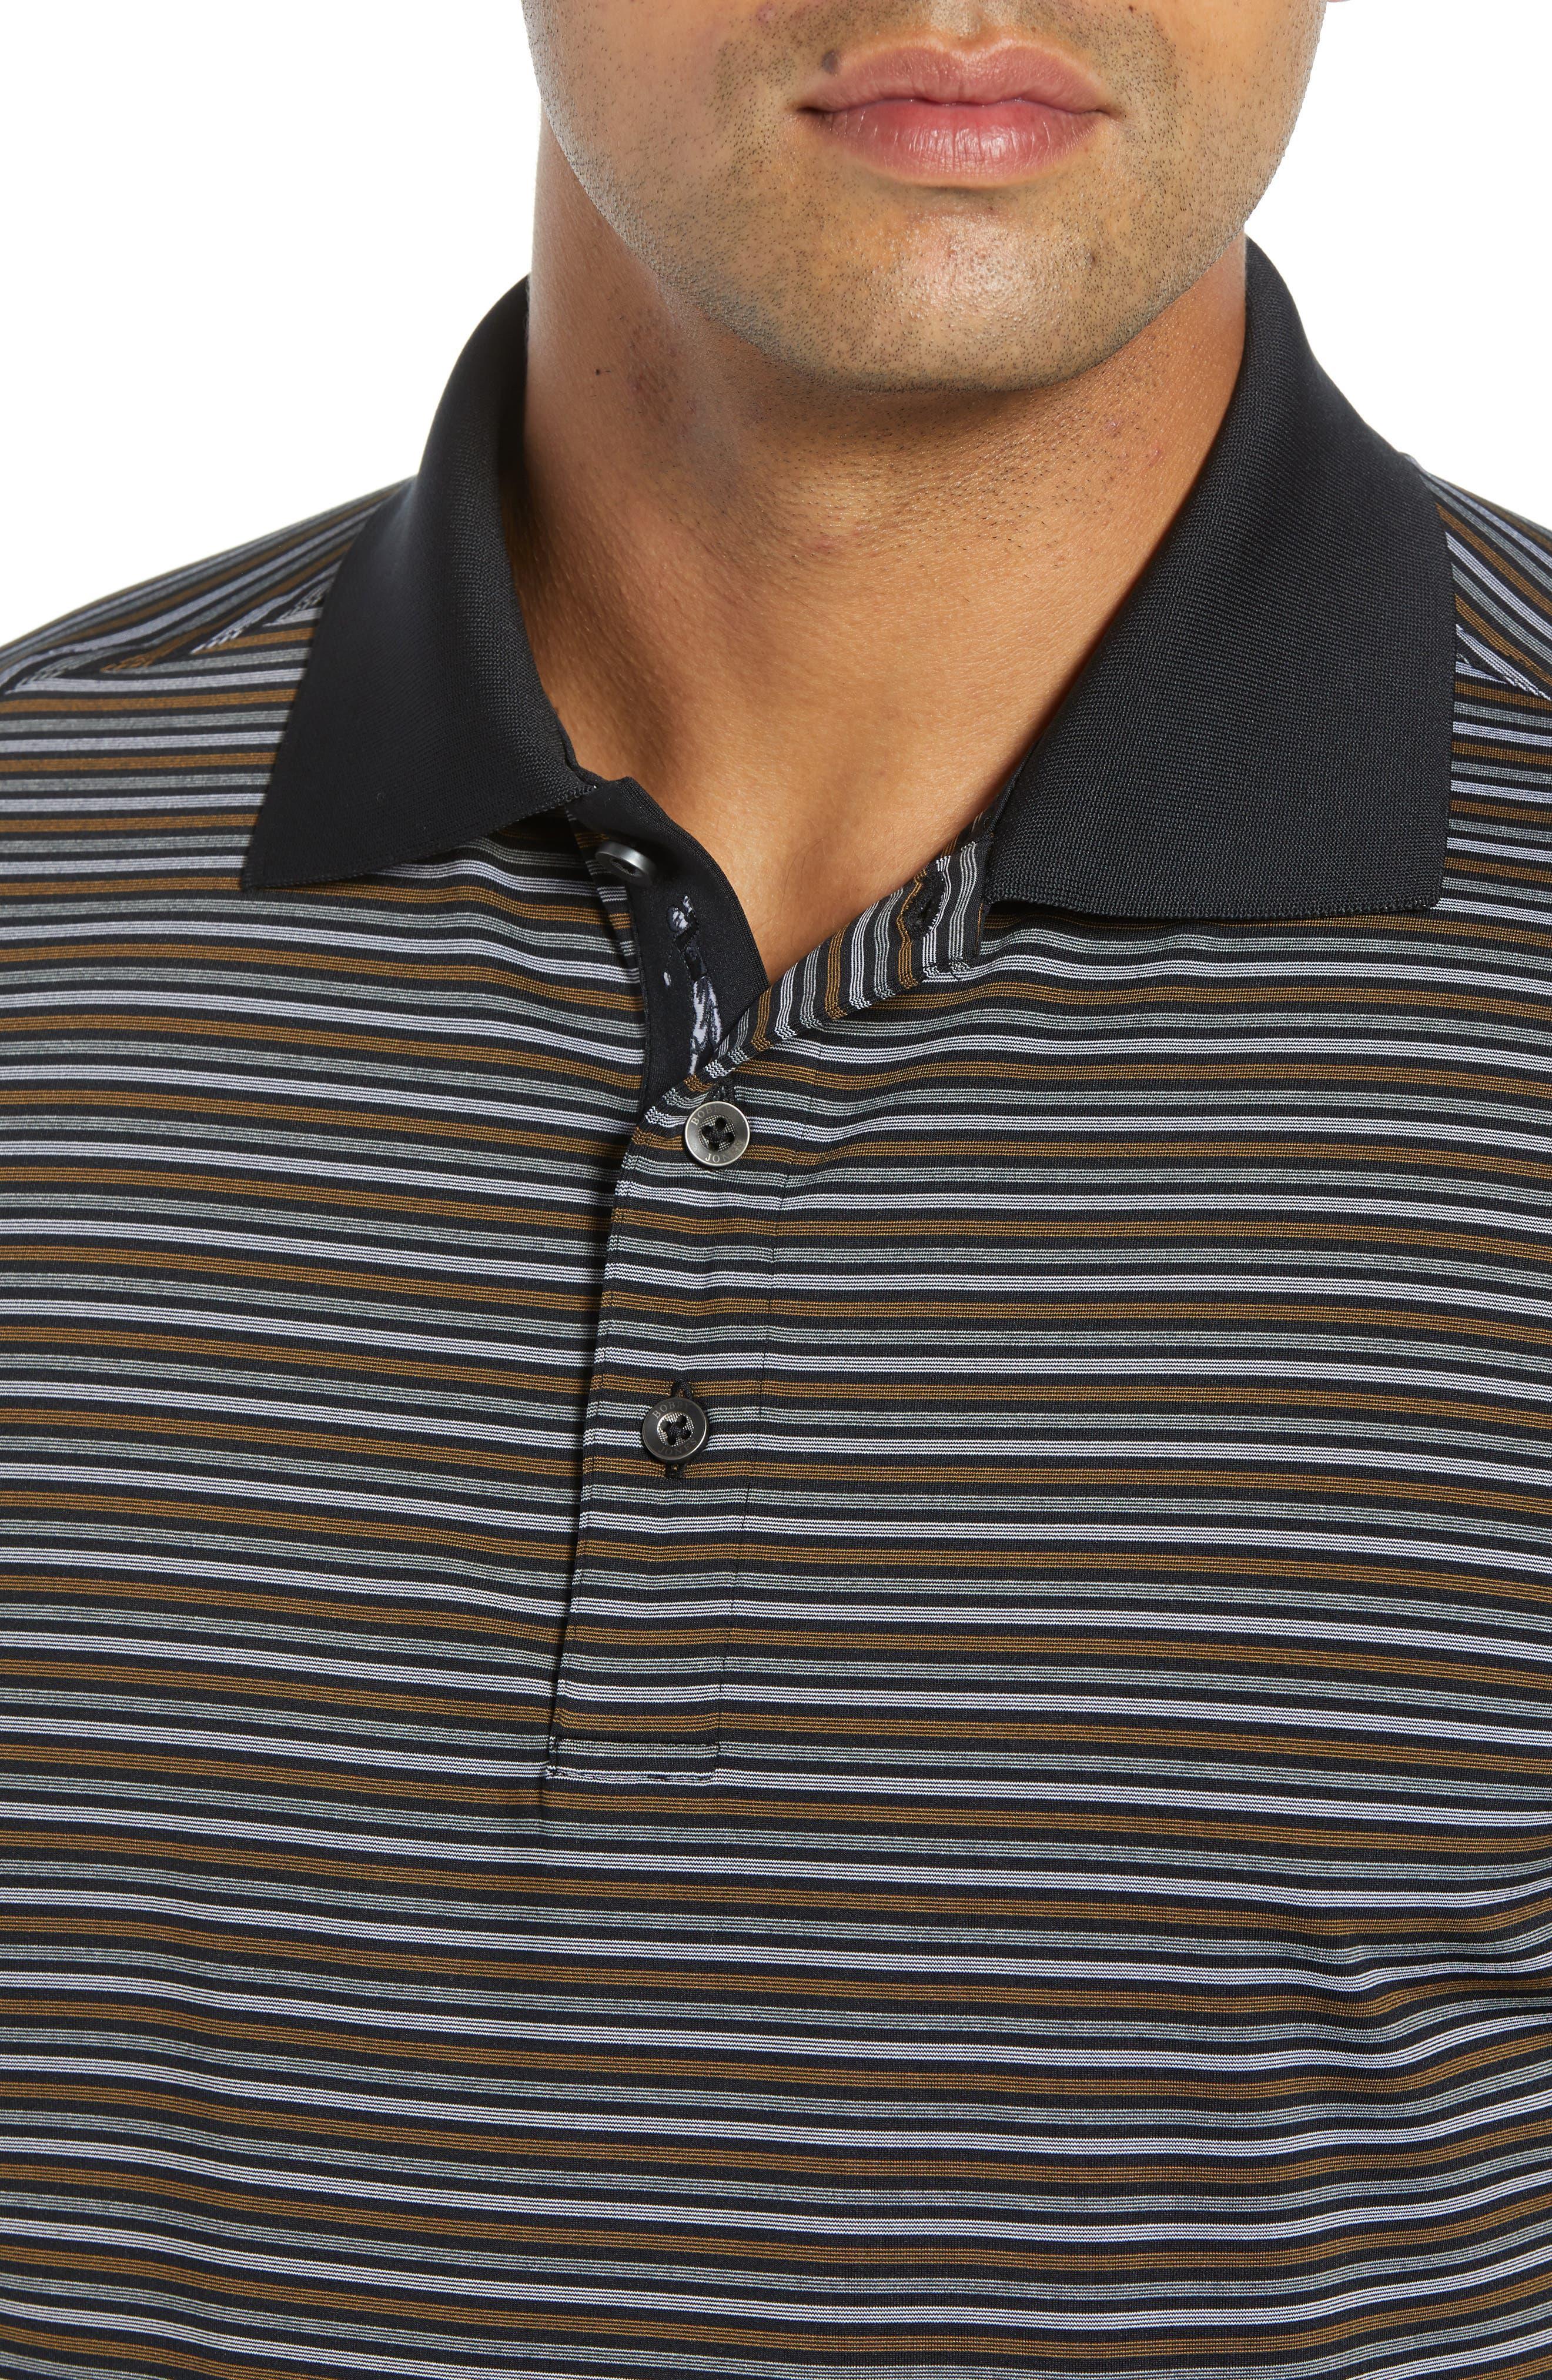 XH2O Copper Stripe Classic Polo,                             Alternate thumbnail 4, color,                             BLACK